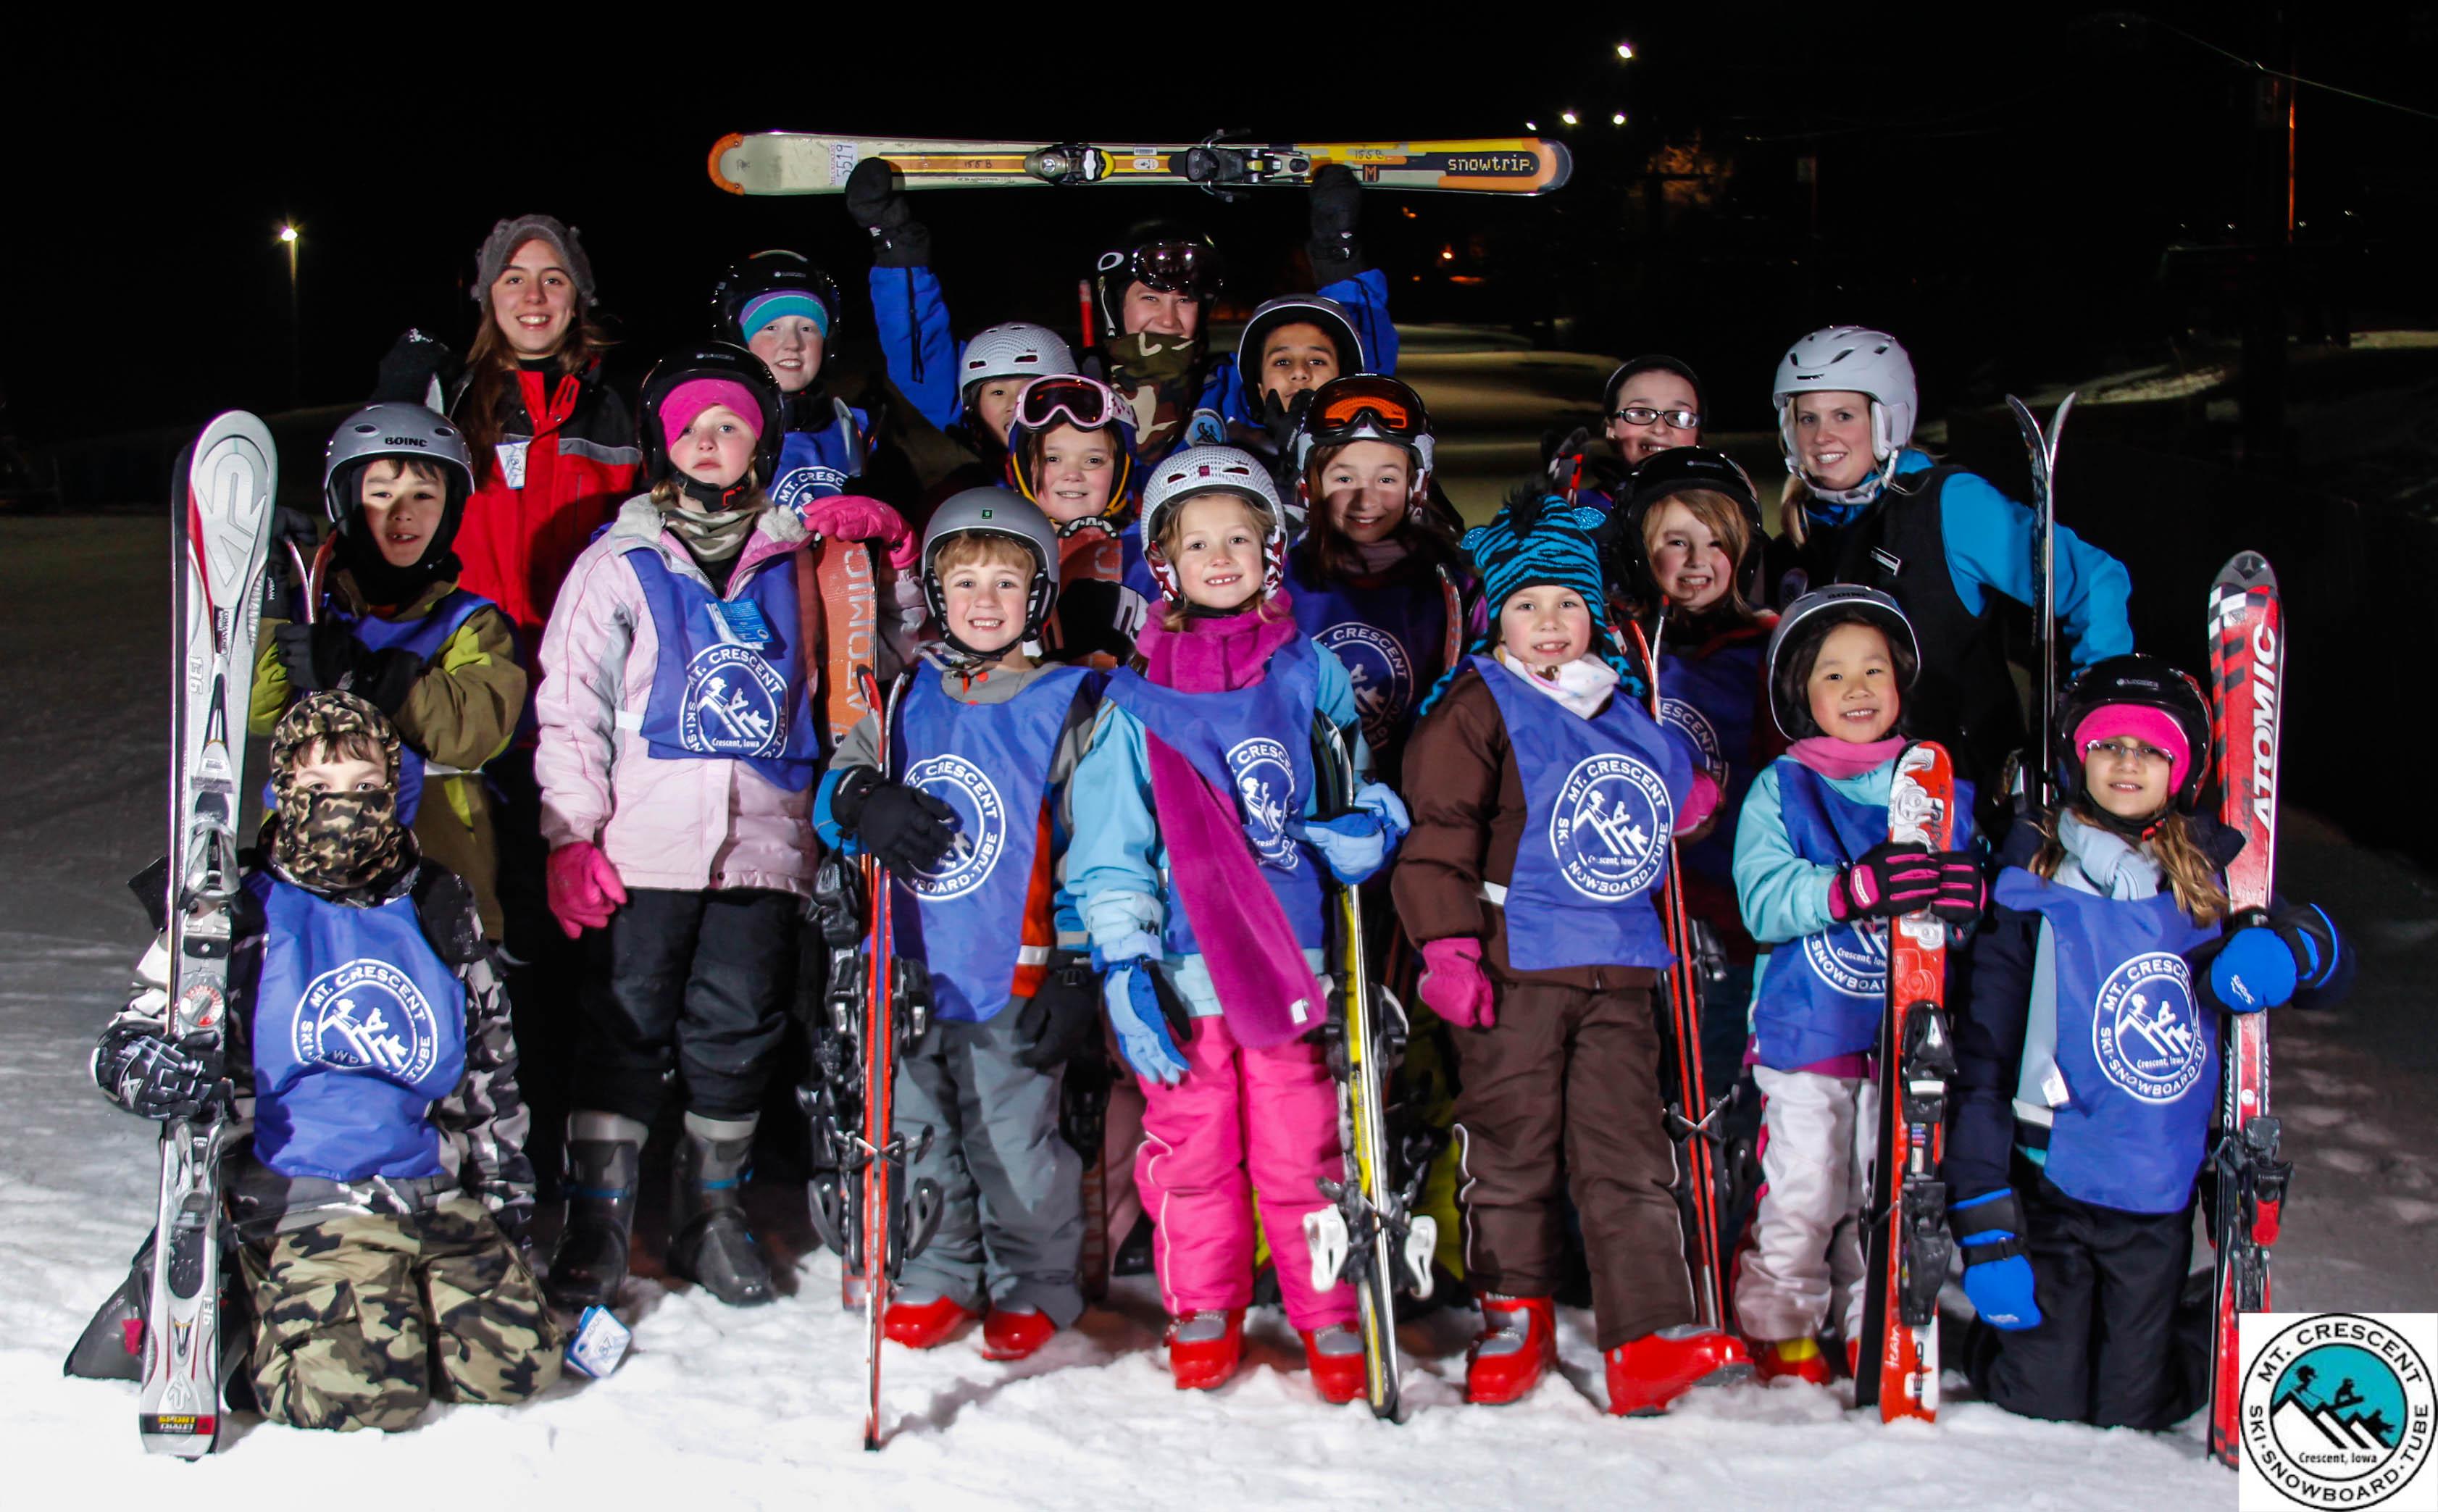 Ski Instructors at Mt. Crescent Ski Area